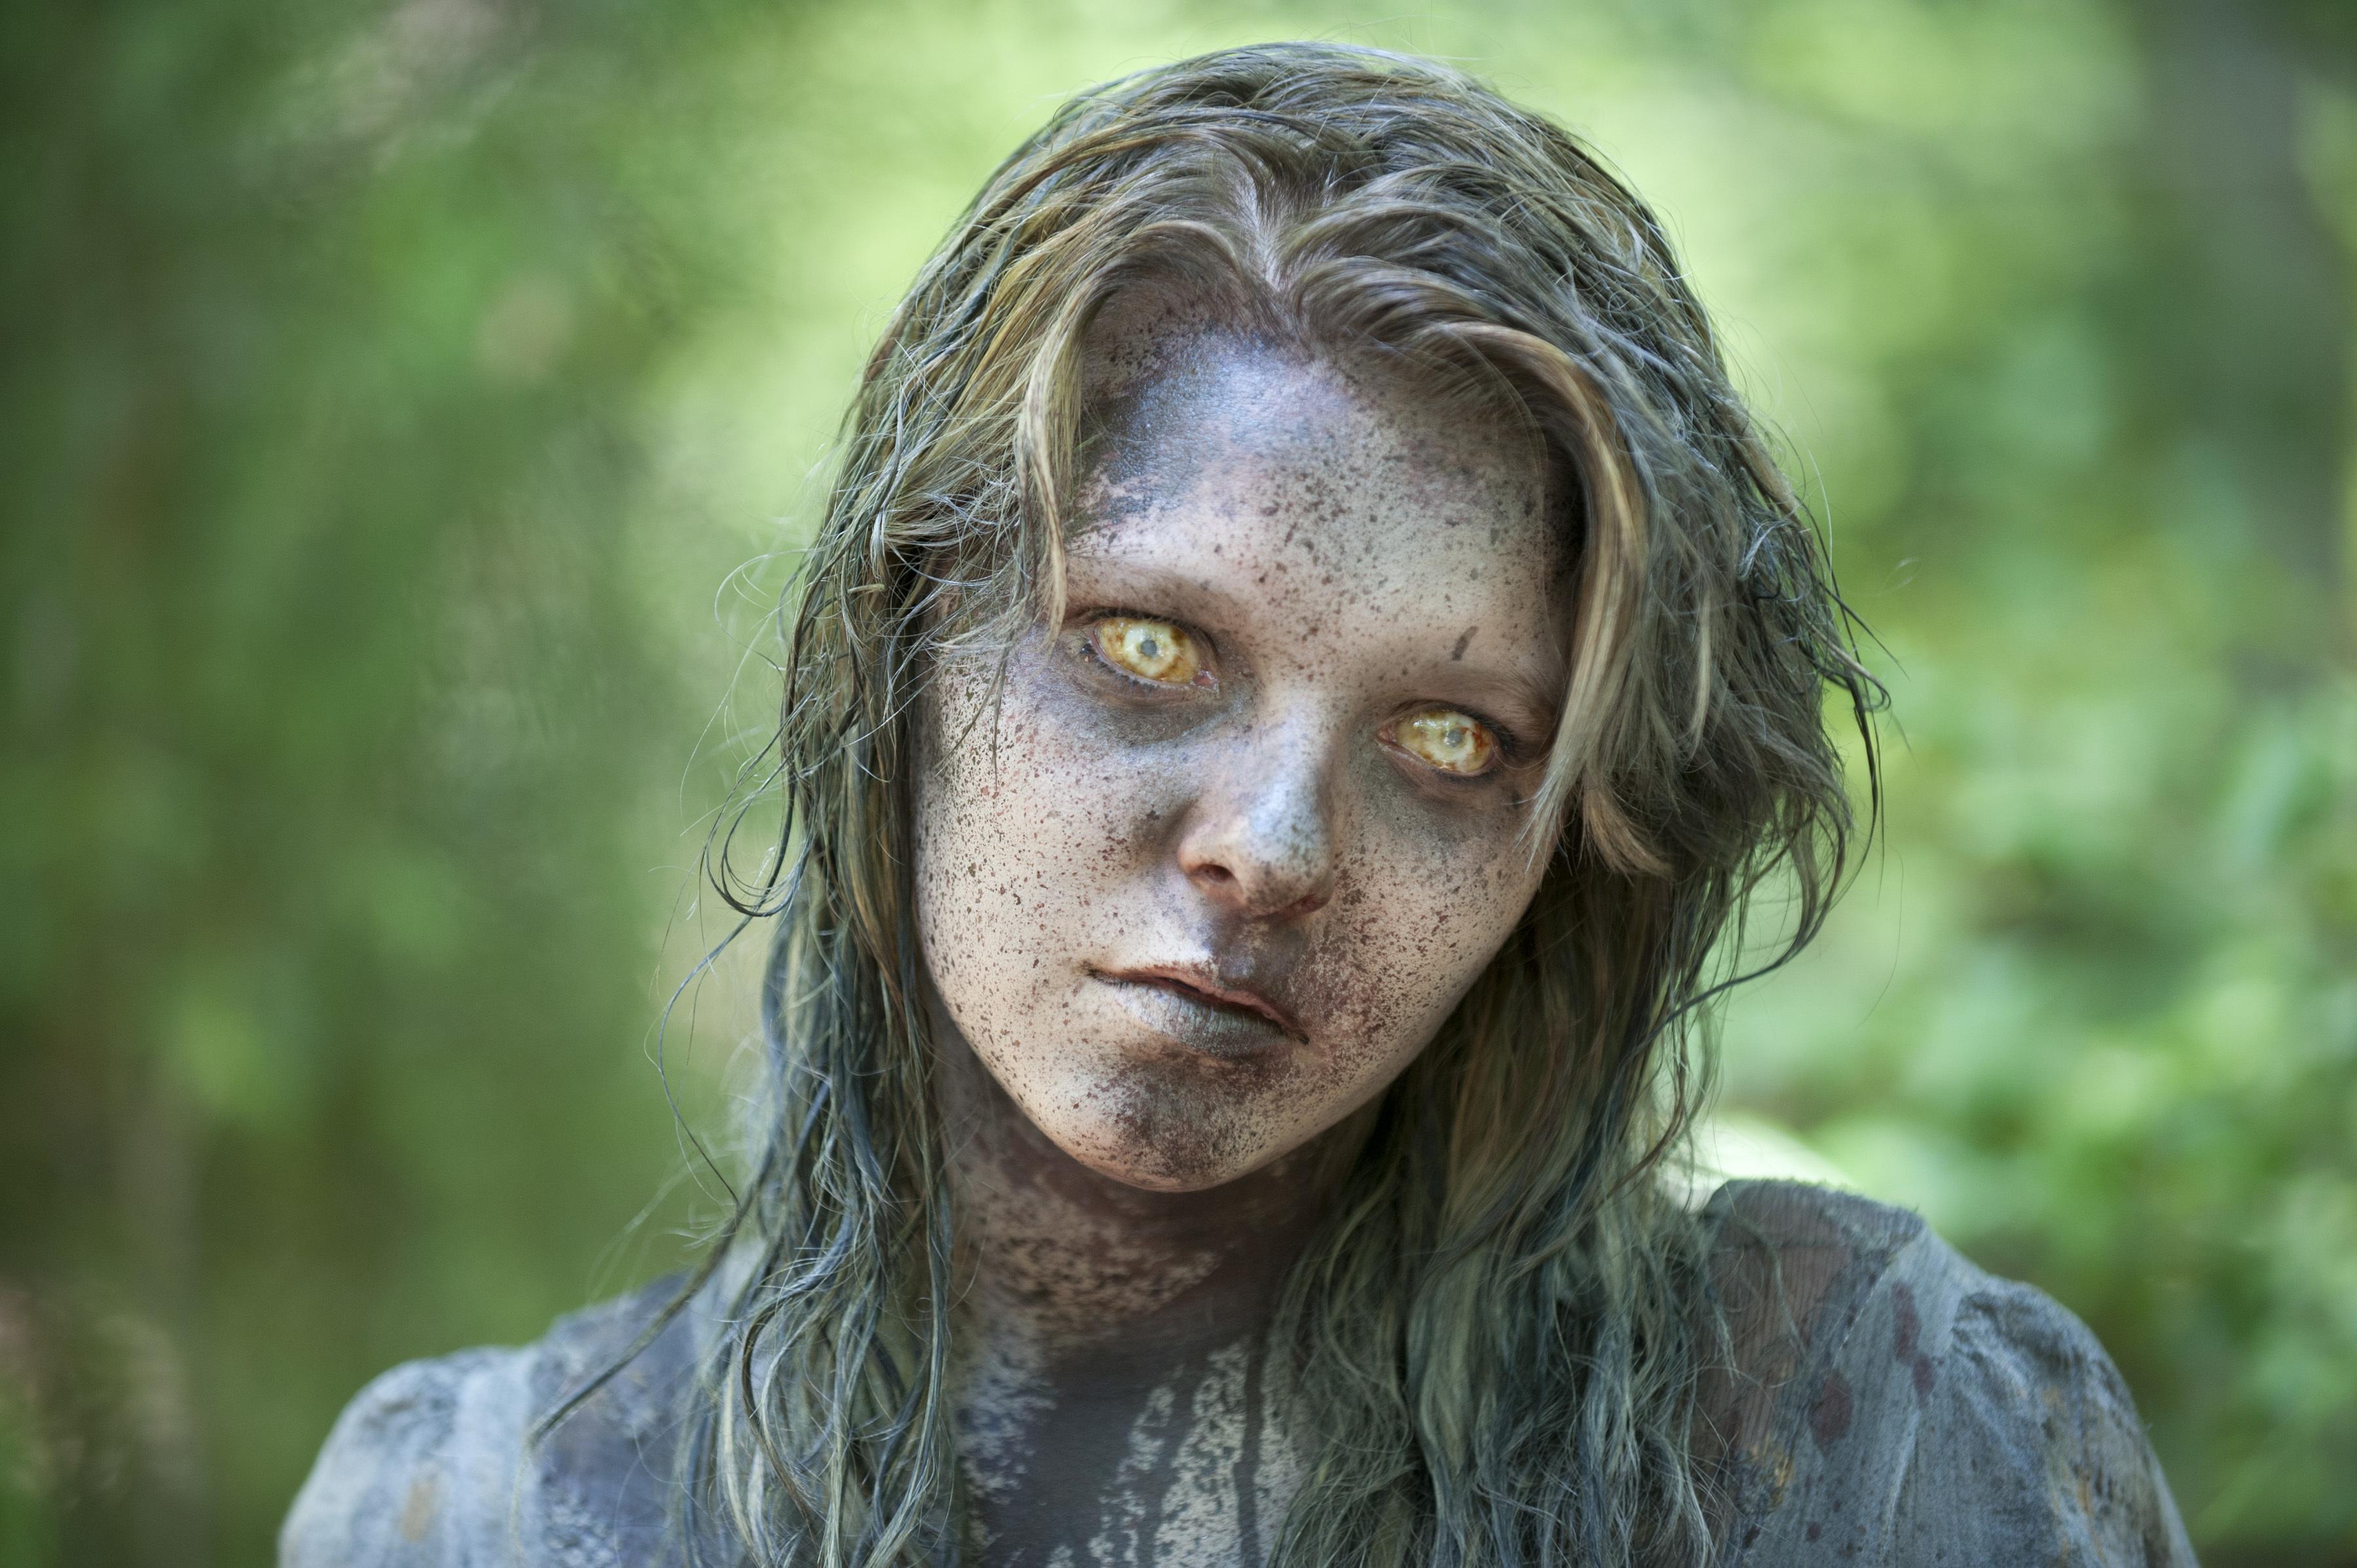 File:Ep 7 Zombie.jpg